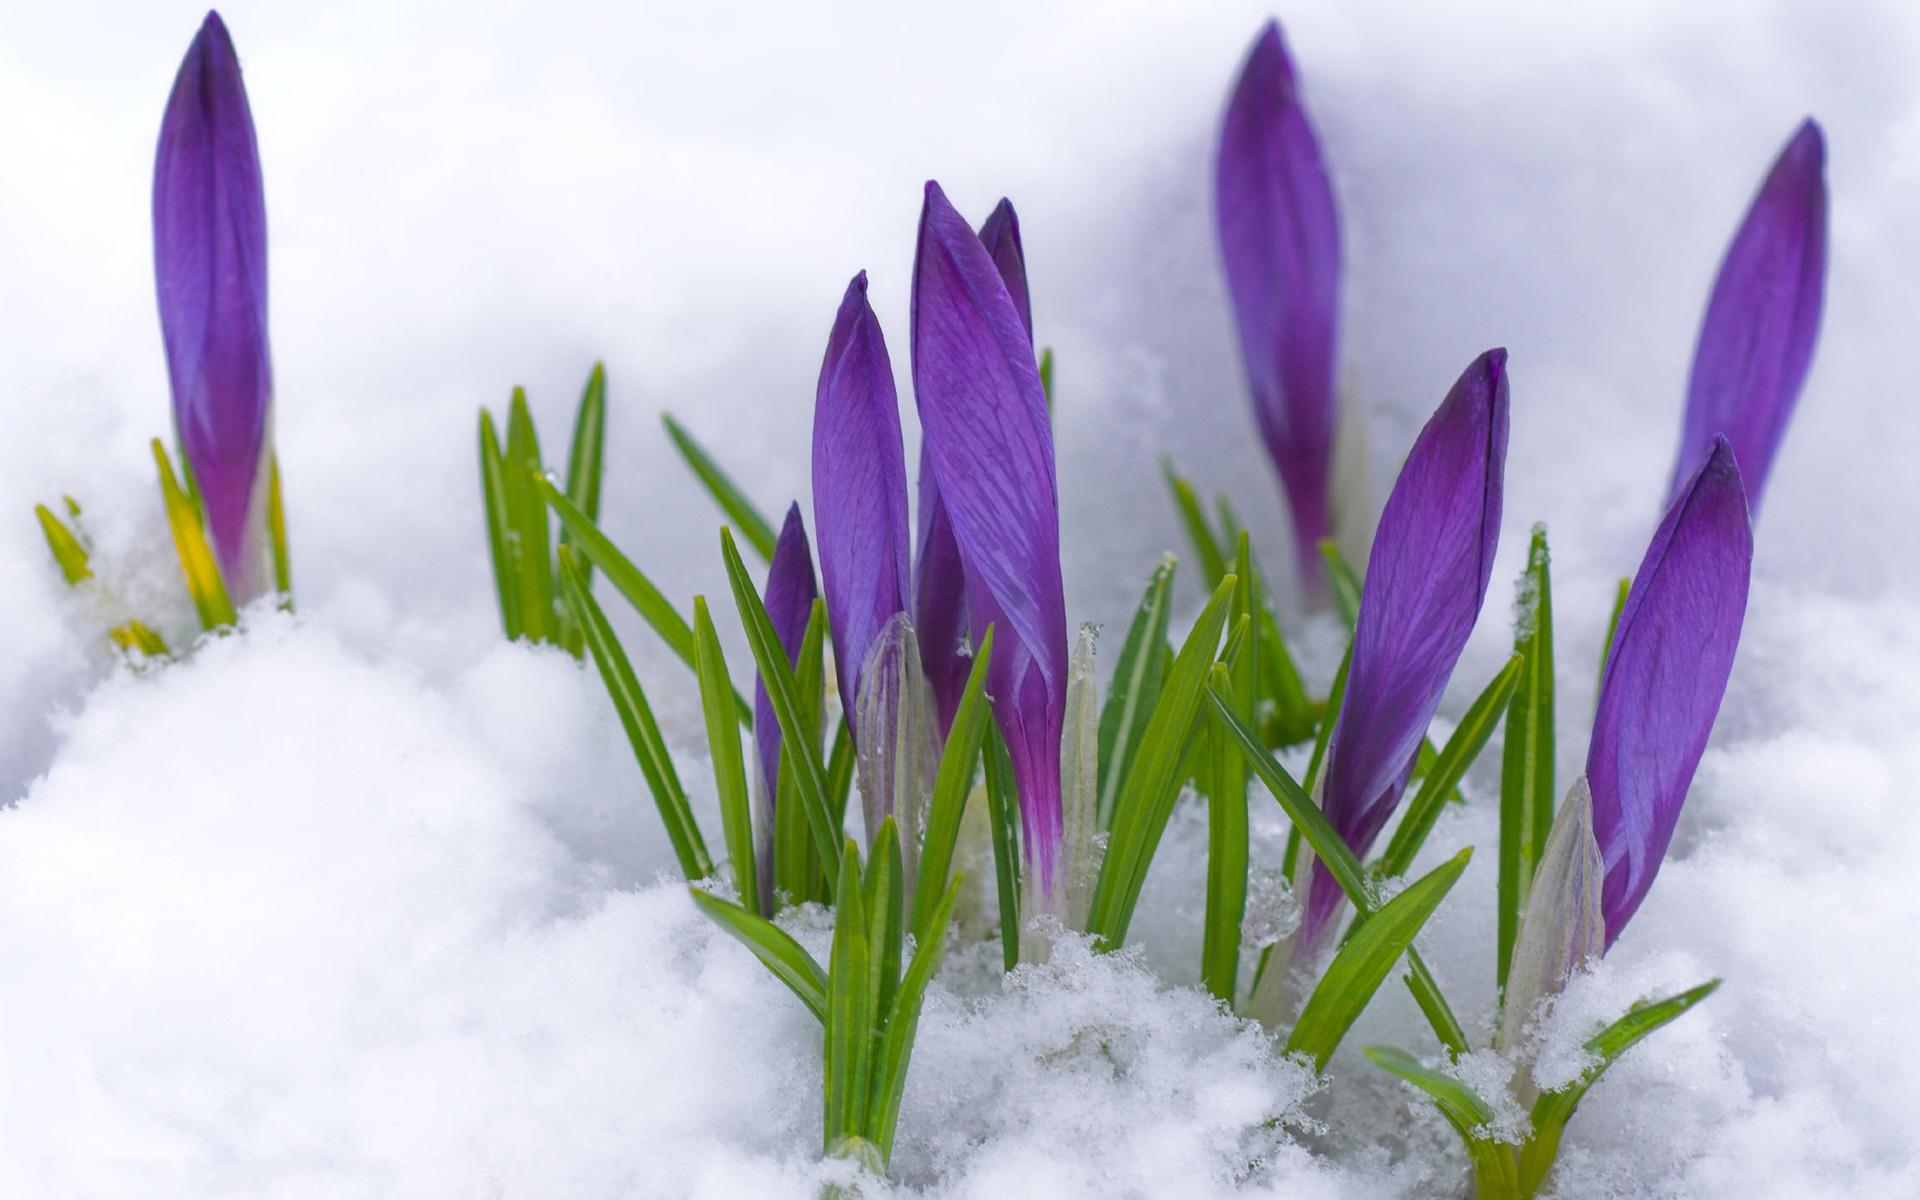 sinie-krokusi-pod-snegom 1920x1200